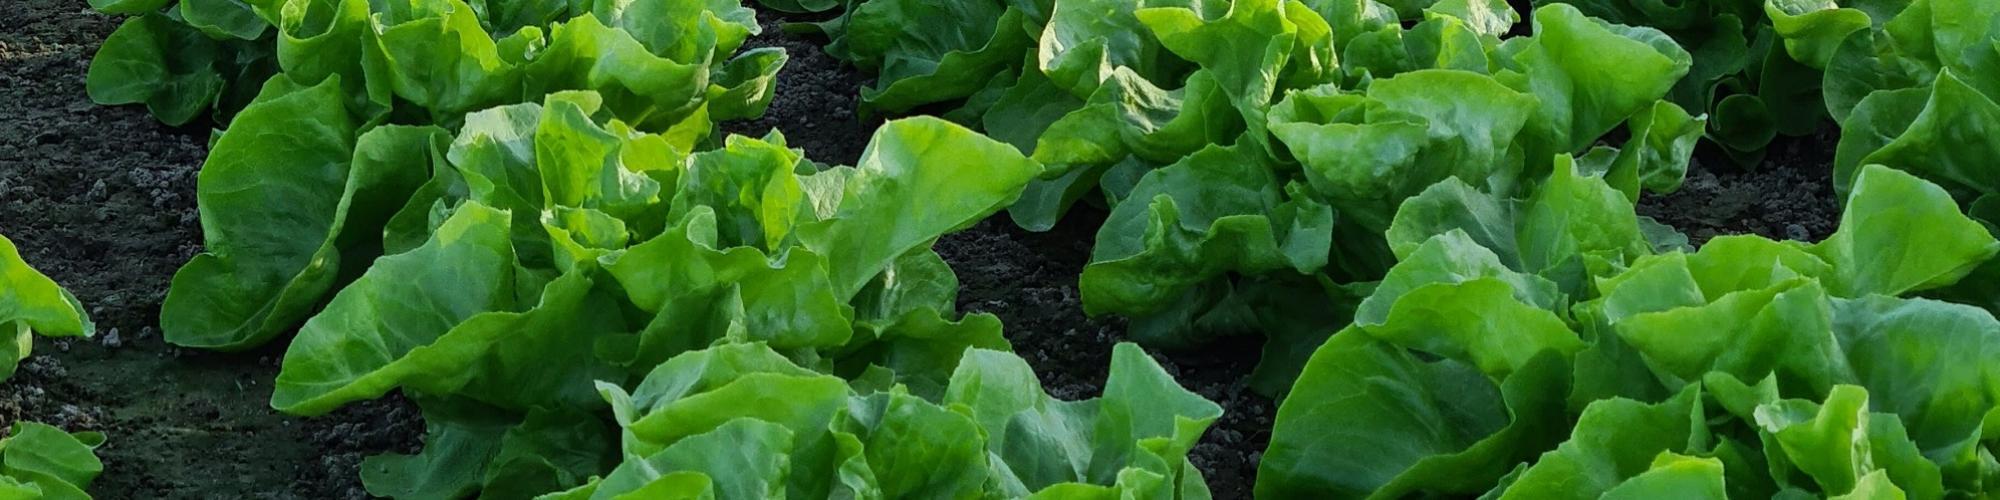 Carsten Kremer Landwirtschaft und Gemüsebau